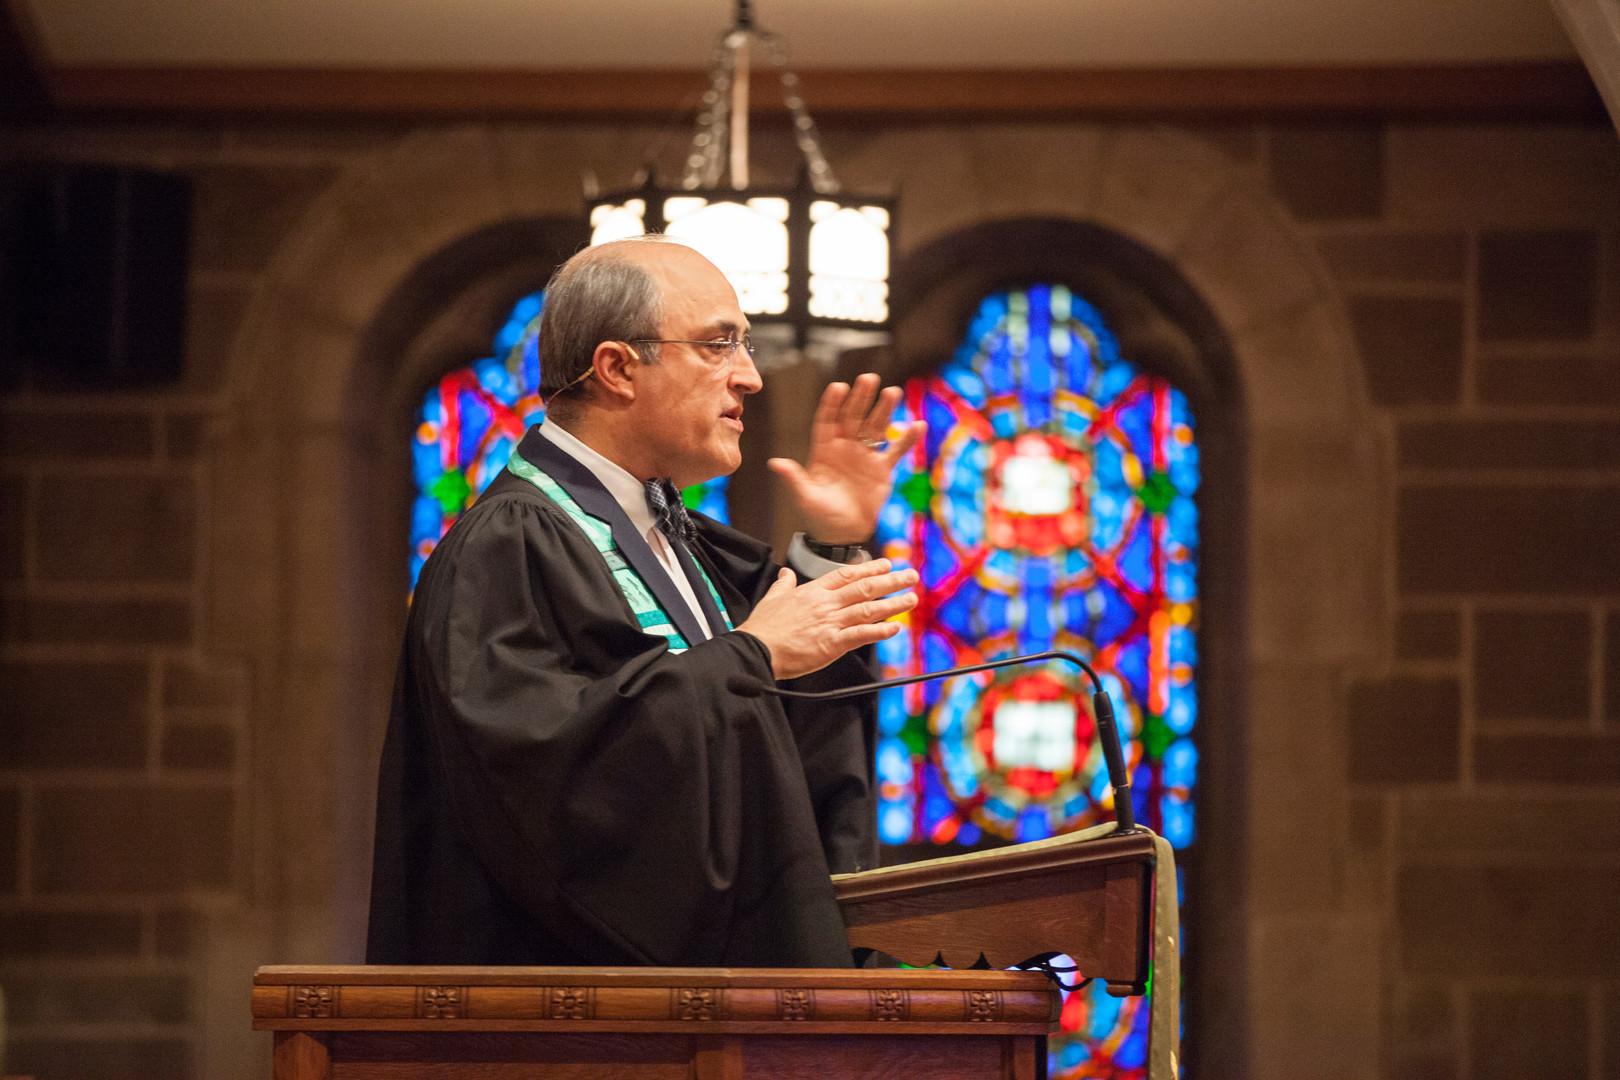 Pastor Fred Lyon